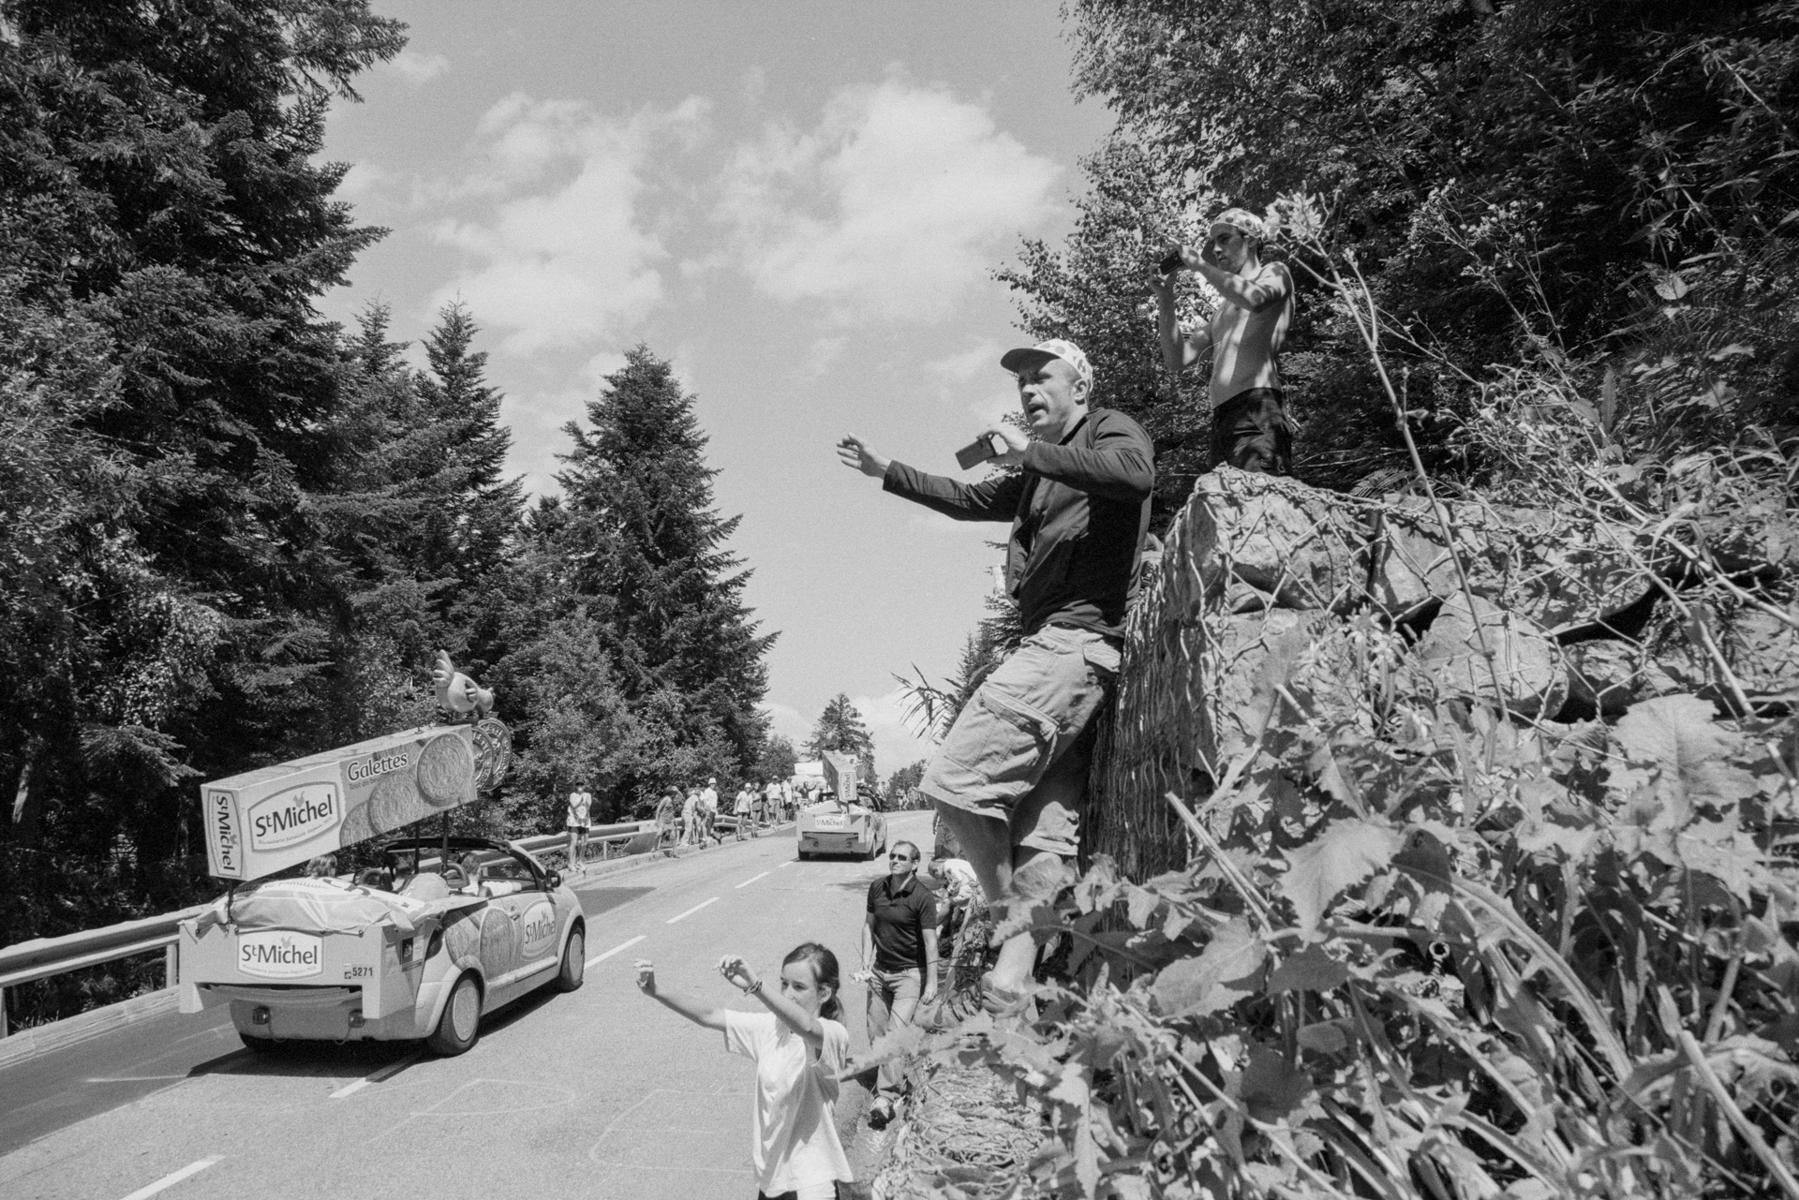 Le Tour de France 2011 The publicity caravan helps enormously to shorten the waiting time. La caravane publicitaire contribue énormément à réduire le temps d'attente. Die Werbekarawane hilft enorm dabei, die Wartezeit zu verkürzen. La caravana publicitaria entretiene el tiempo de espera.